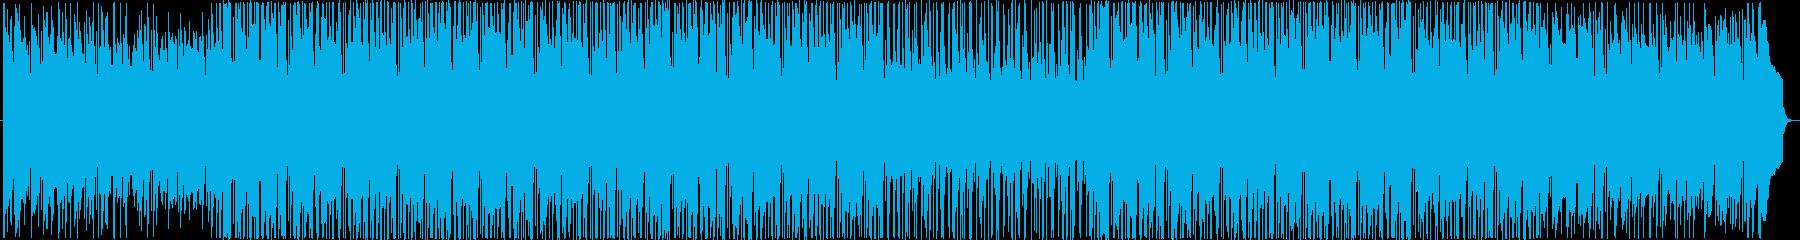 明るく弾むようなピアノが印象的はBGMの再生済みの波形